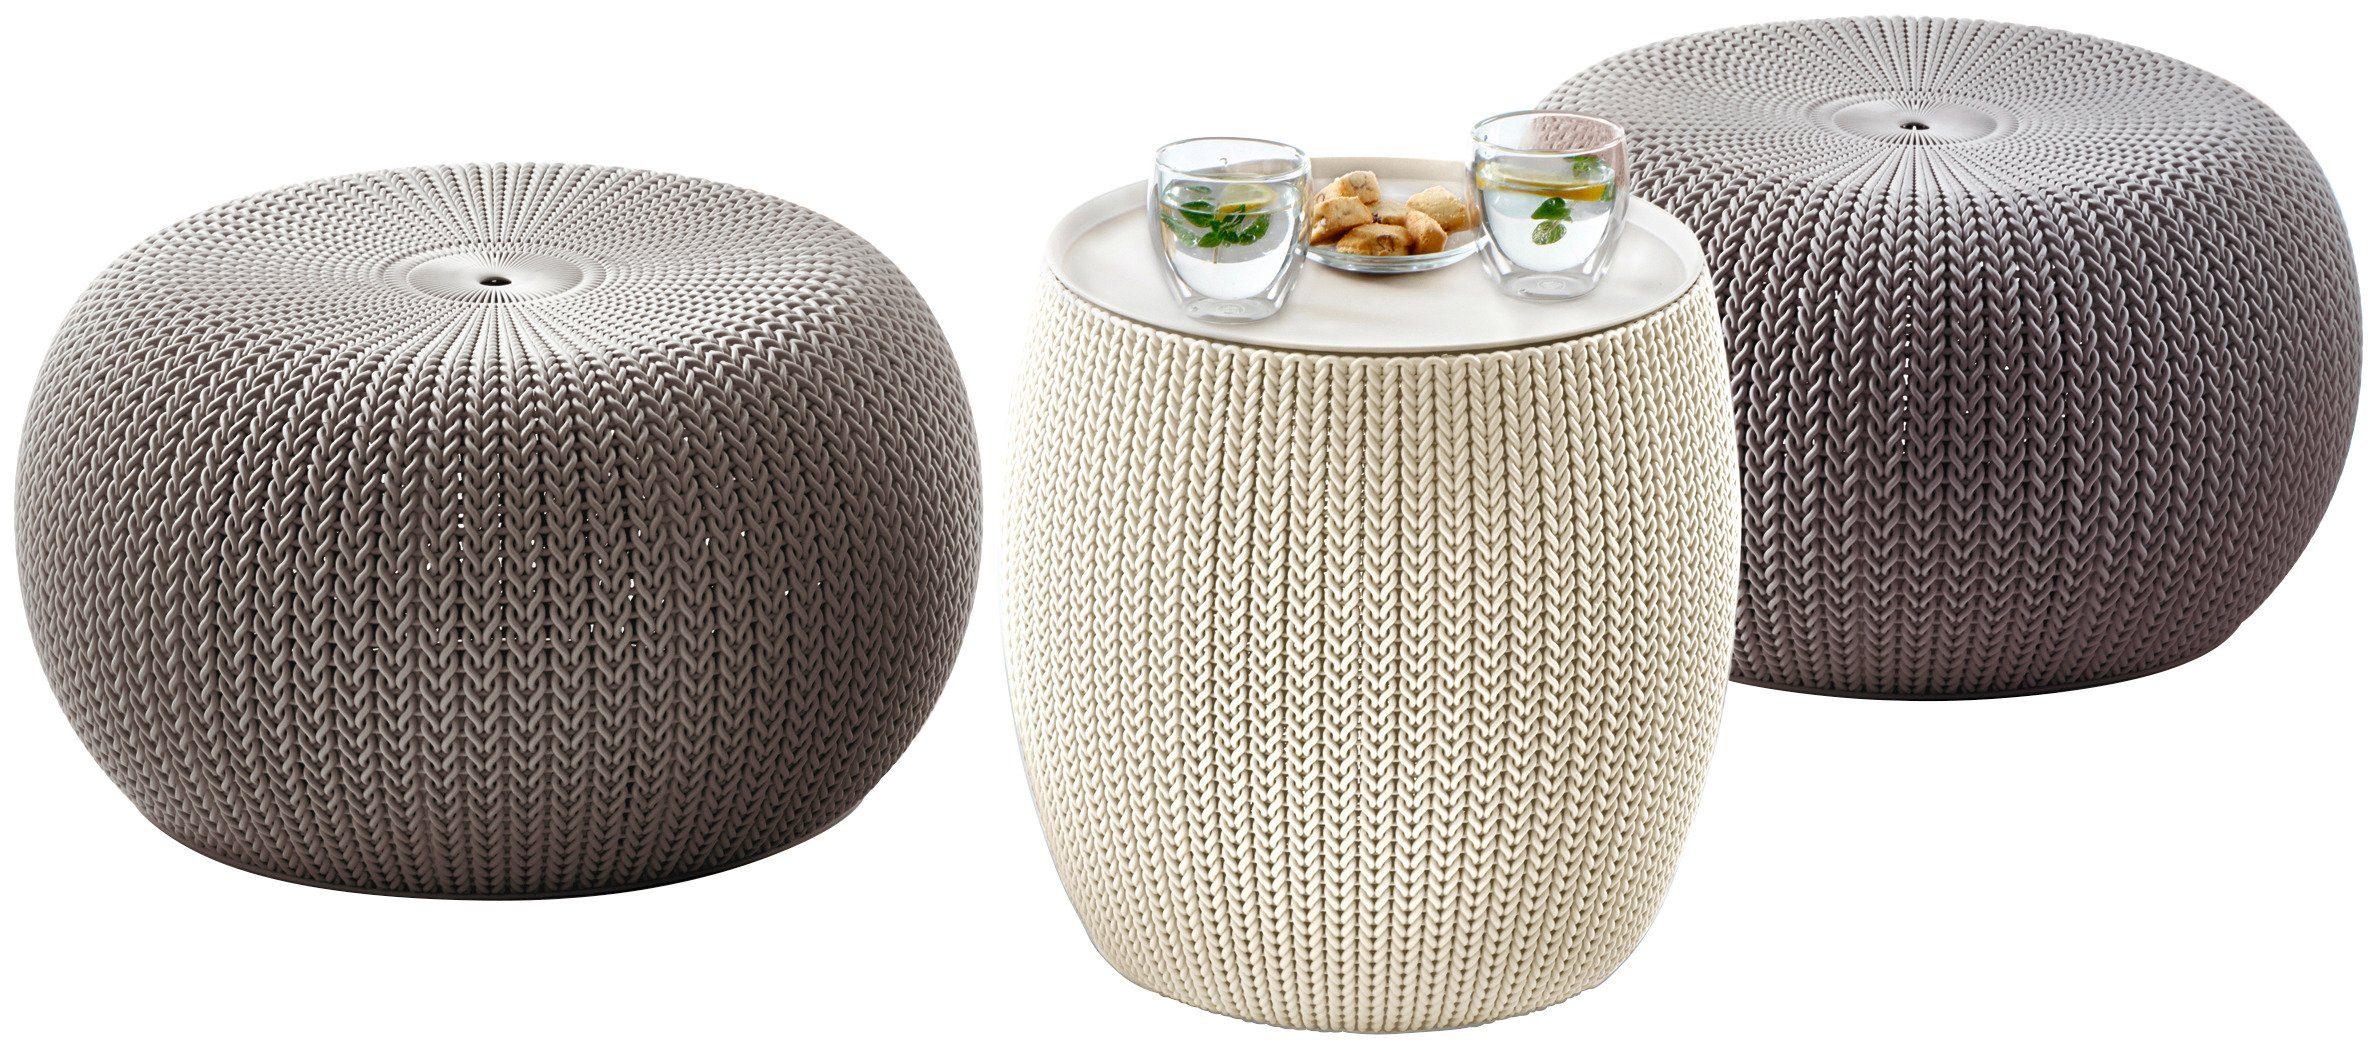 3-tgl. Gartenmöbelset »Cozy Urban«, 2 Sitzpuffs,TischØ 40,6 cm, Kunststoff, taupe/creme